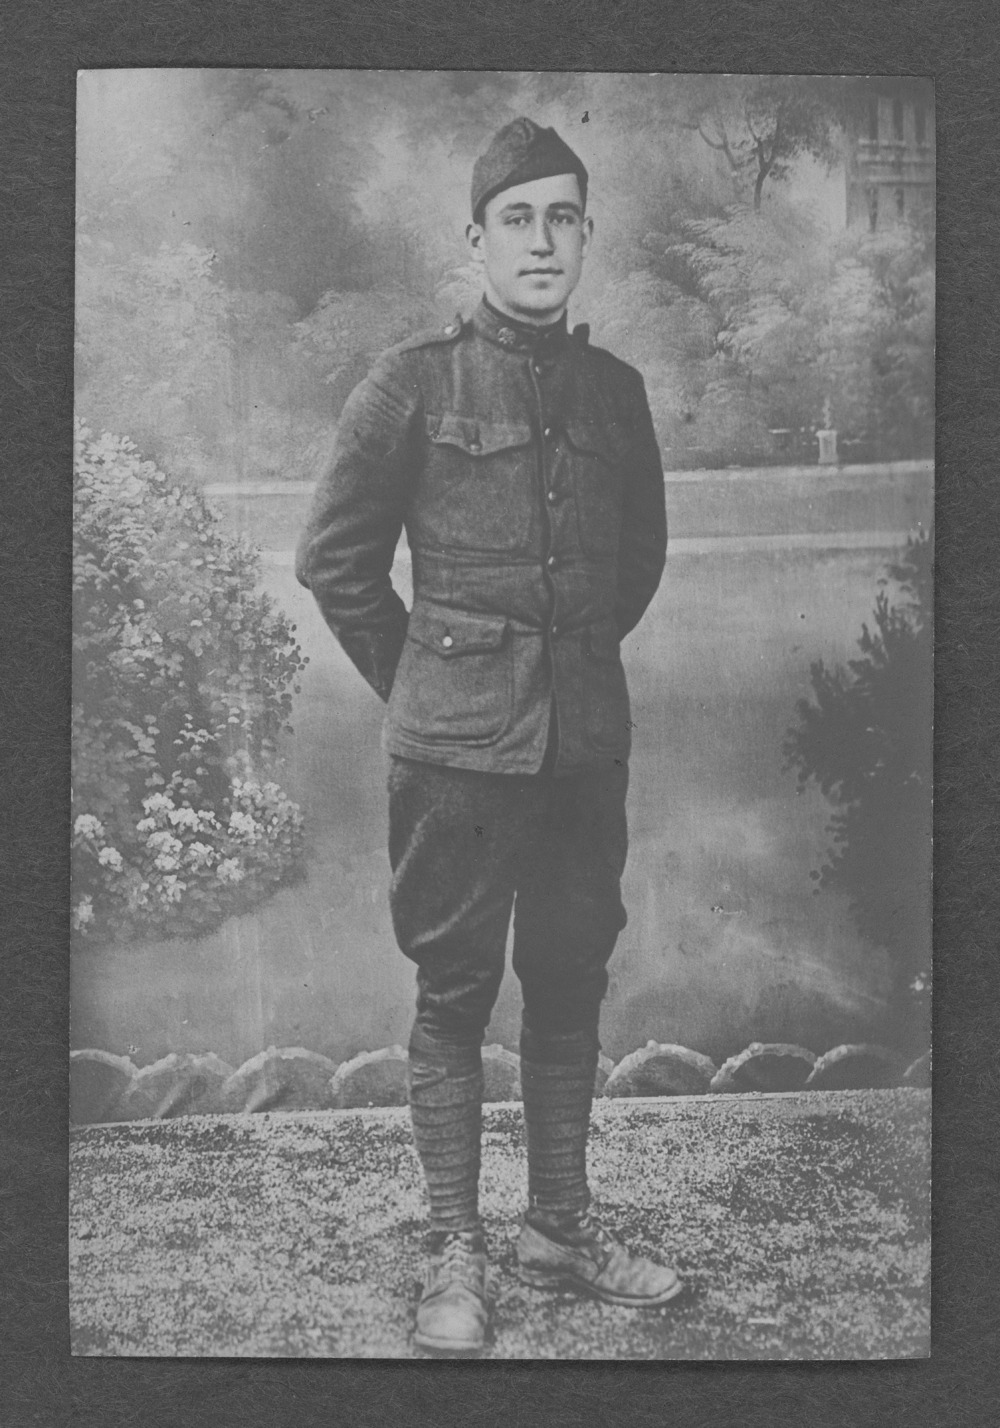 Walter McKinley Blackledge, World War I soldier - 1